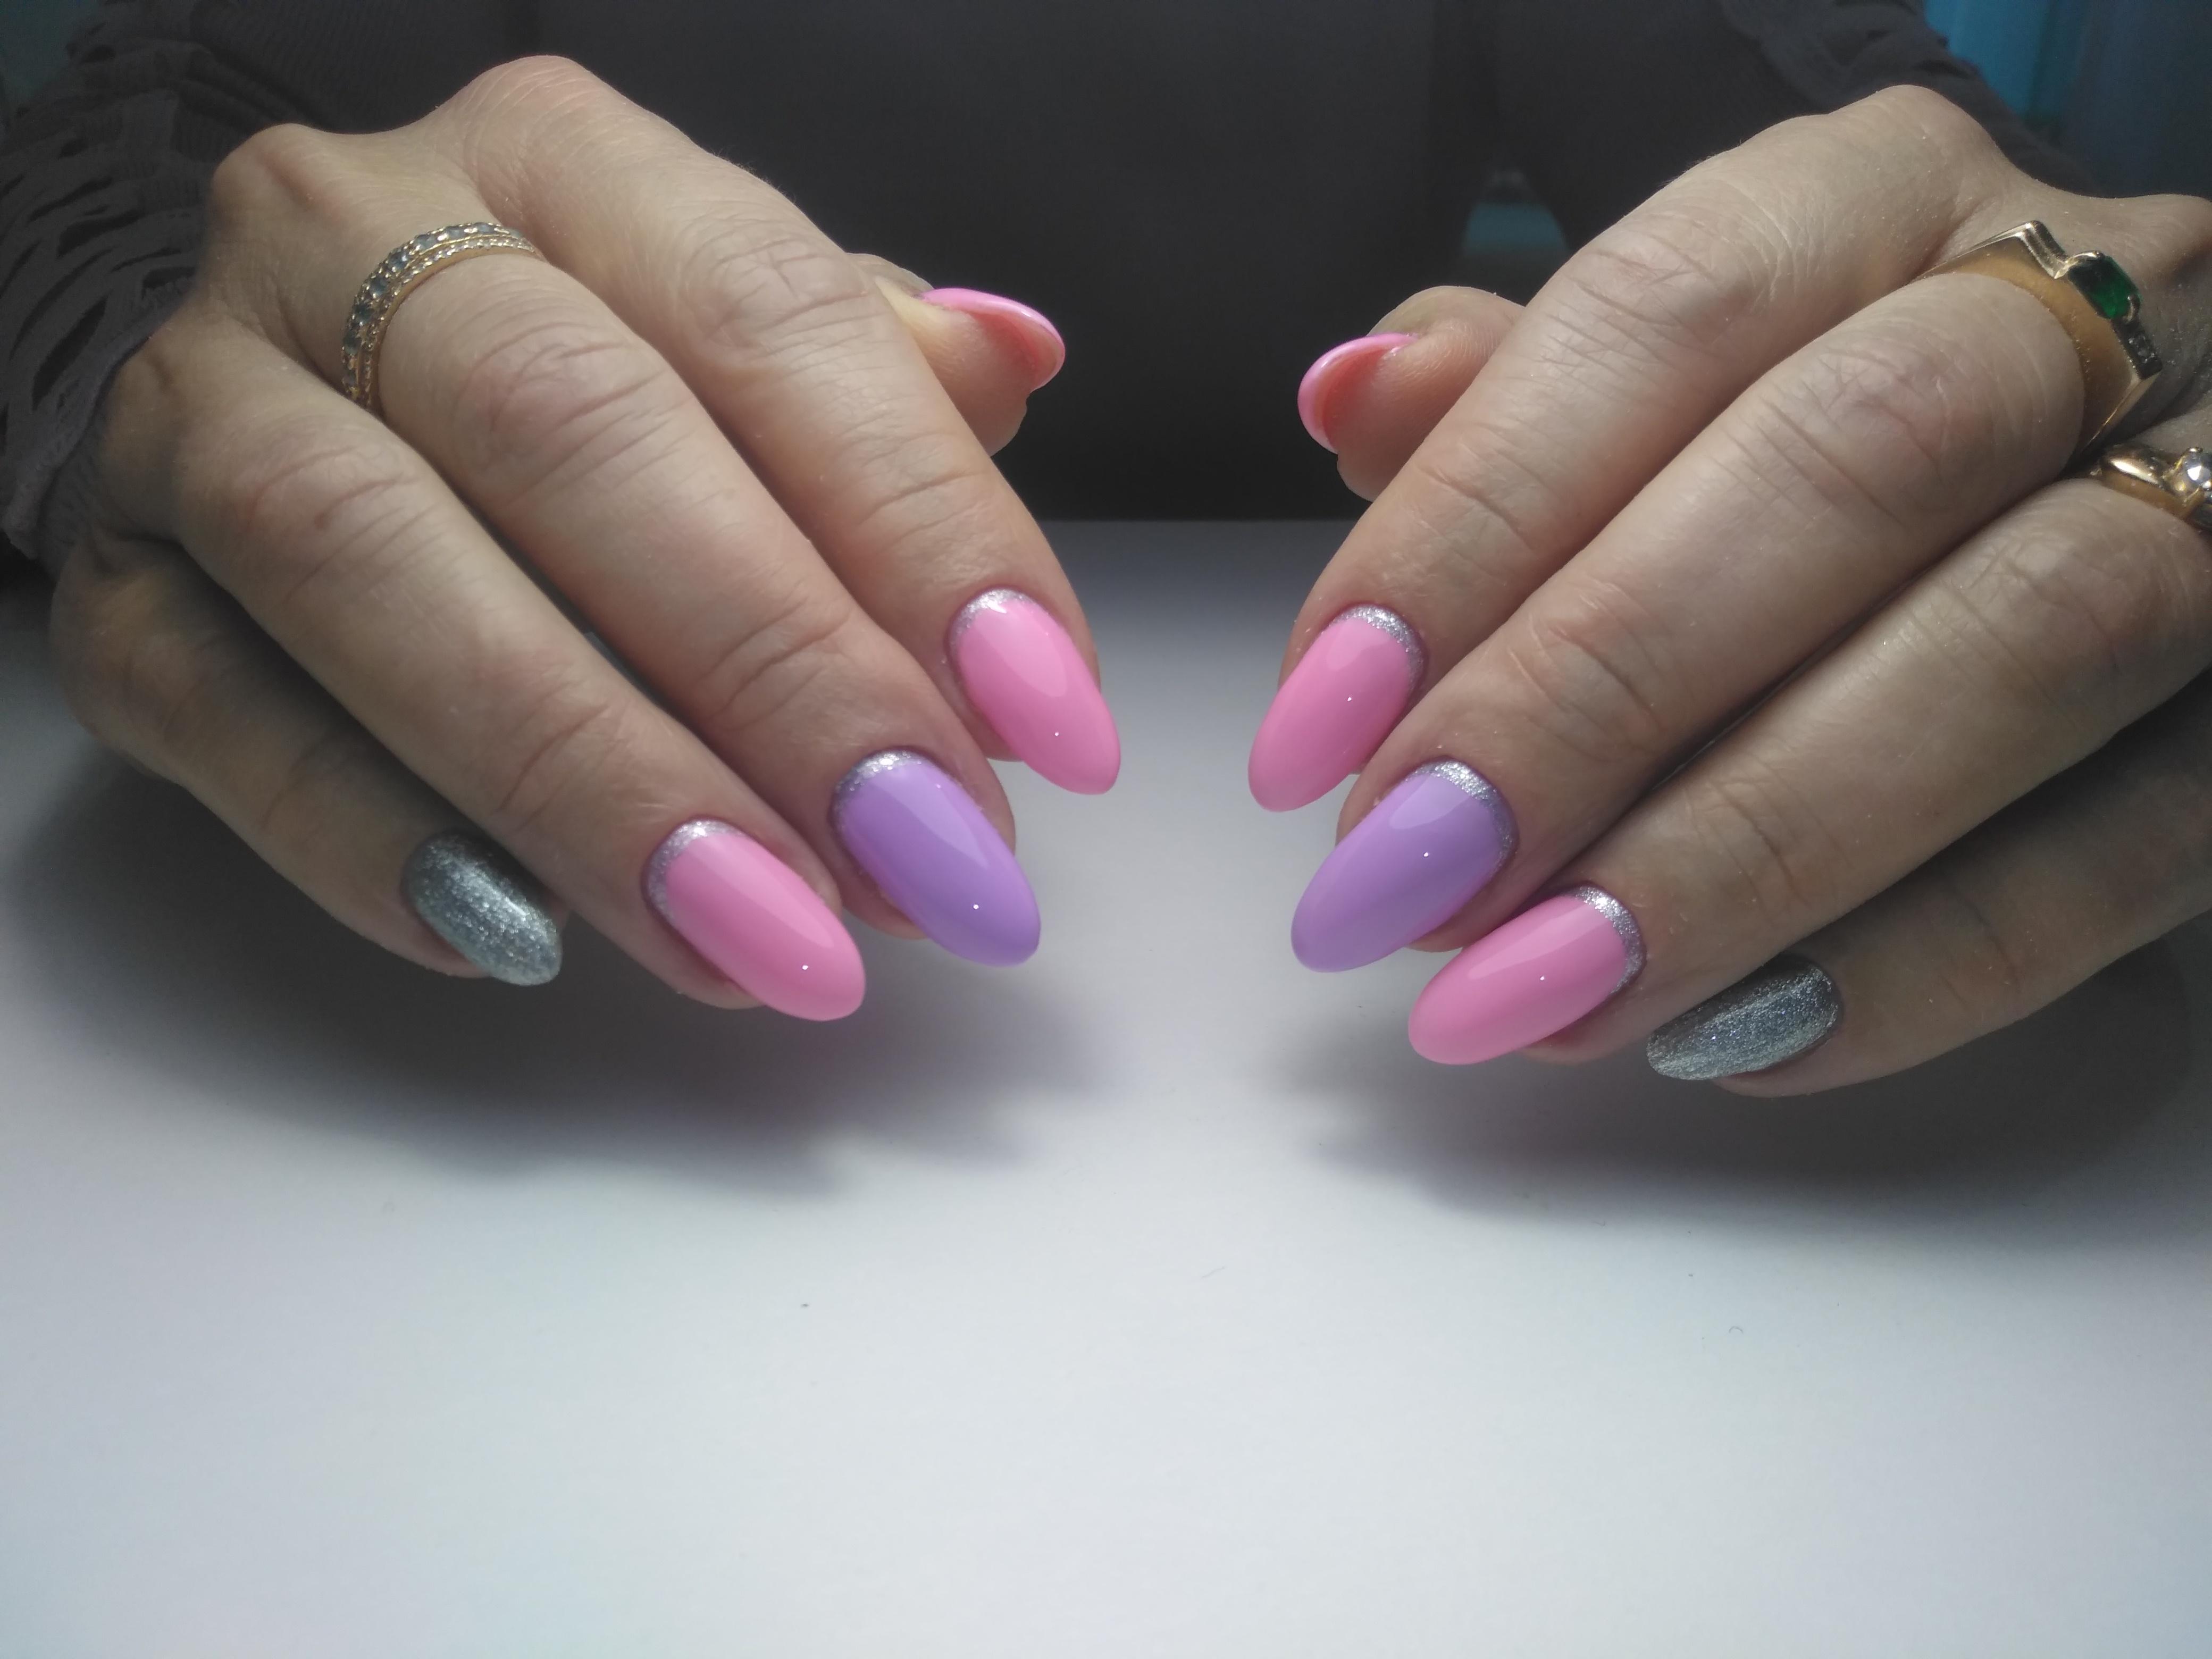 Лунный маникюр в розово-лиловом цвете и серебряными блёстками.